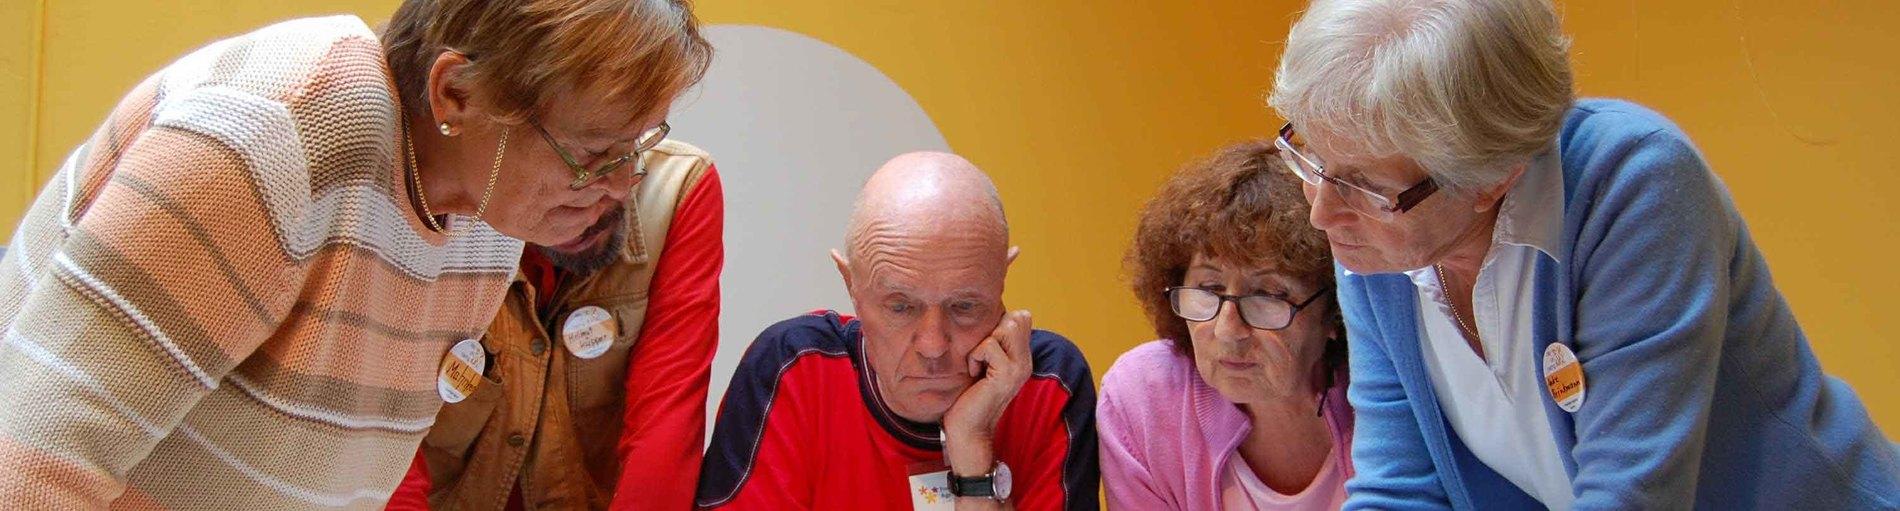 Mehrere Menschen schauen im Halbkreis auf ein Papier auf dem Tisch; Quelle: Freiwilligen-Agentur Bremen/Frank Mayer